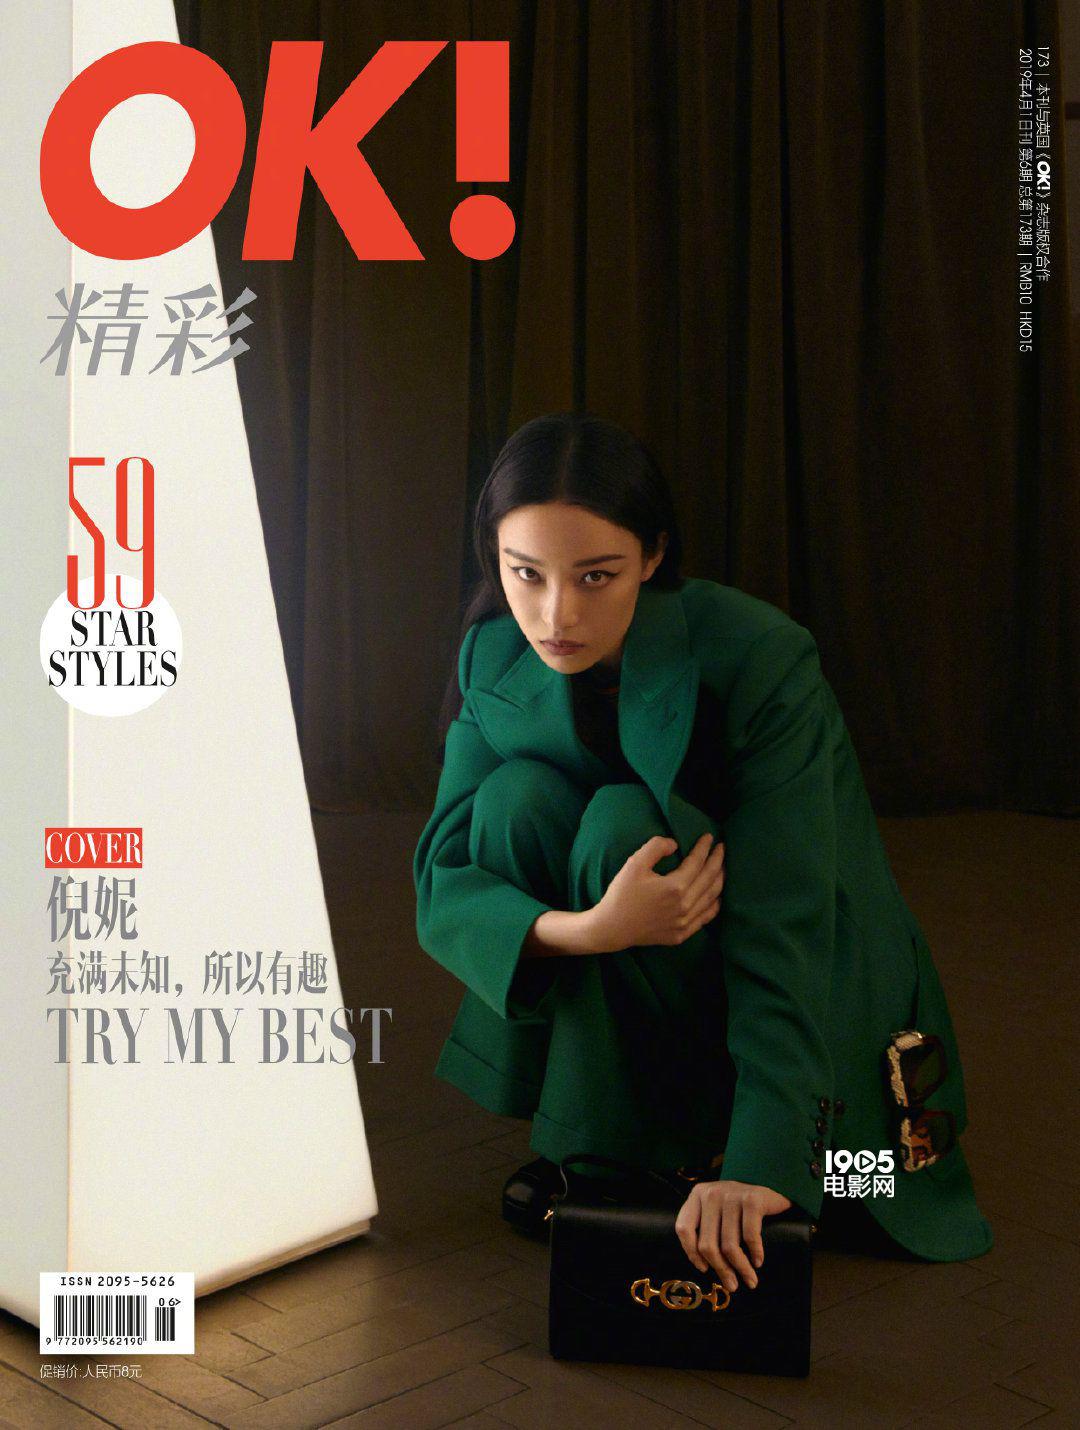 倪妮登封《OK!精彩》亚洲杯四月刊 高级脸演绎复古风